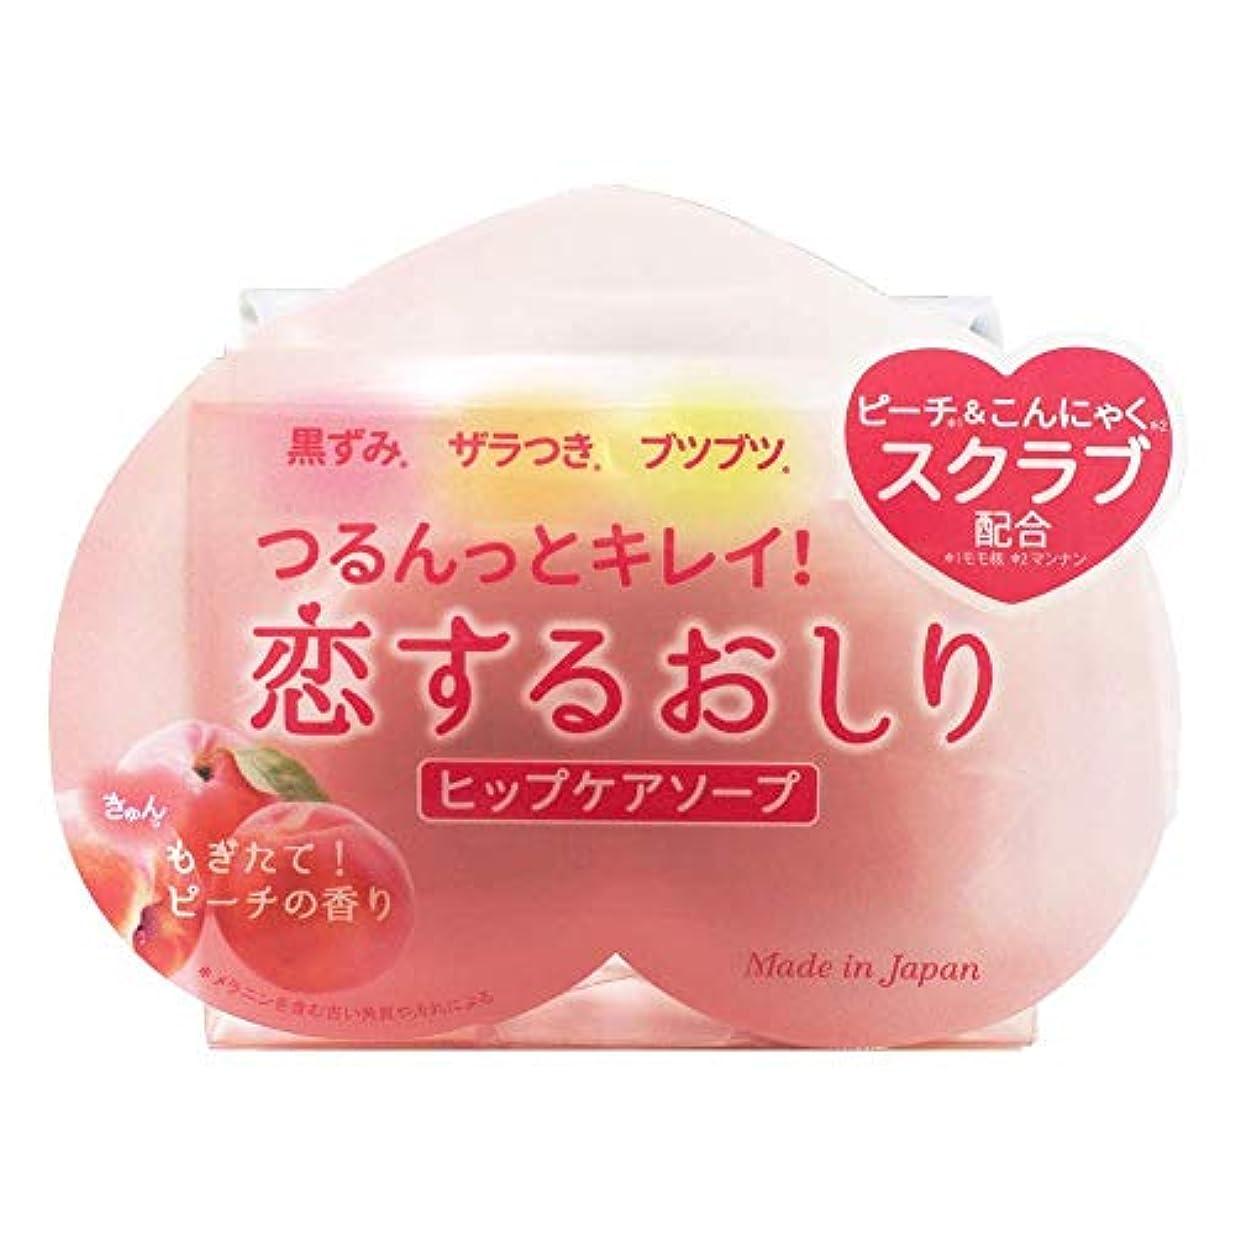 クランプラフト一般的に【まとめ買い】ペリカン石鹸 恋するおしり ヒップケアソープ 80g×2個